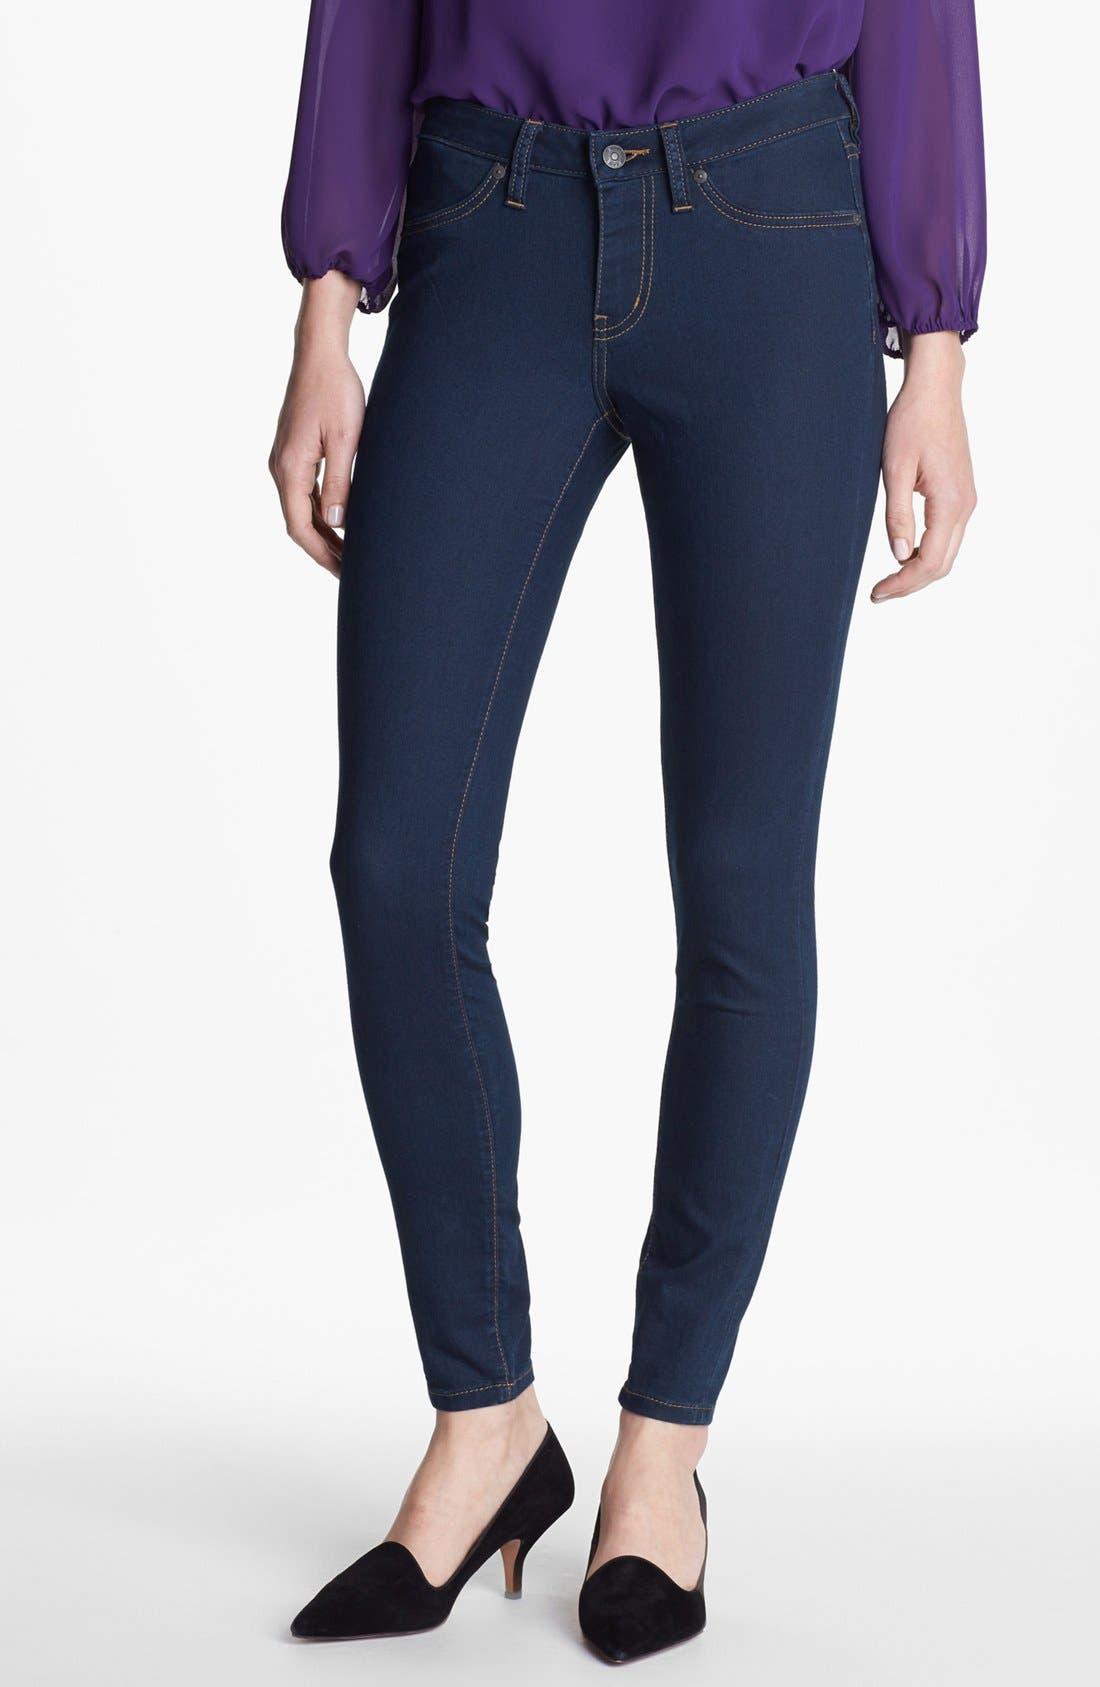 Main Image - Jag Jeans 'Olivia' Denim Leggings (Indigo) (Petite)